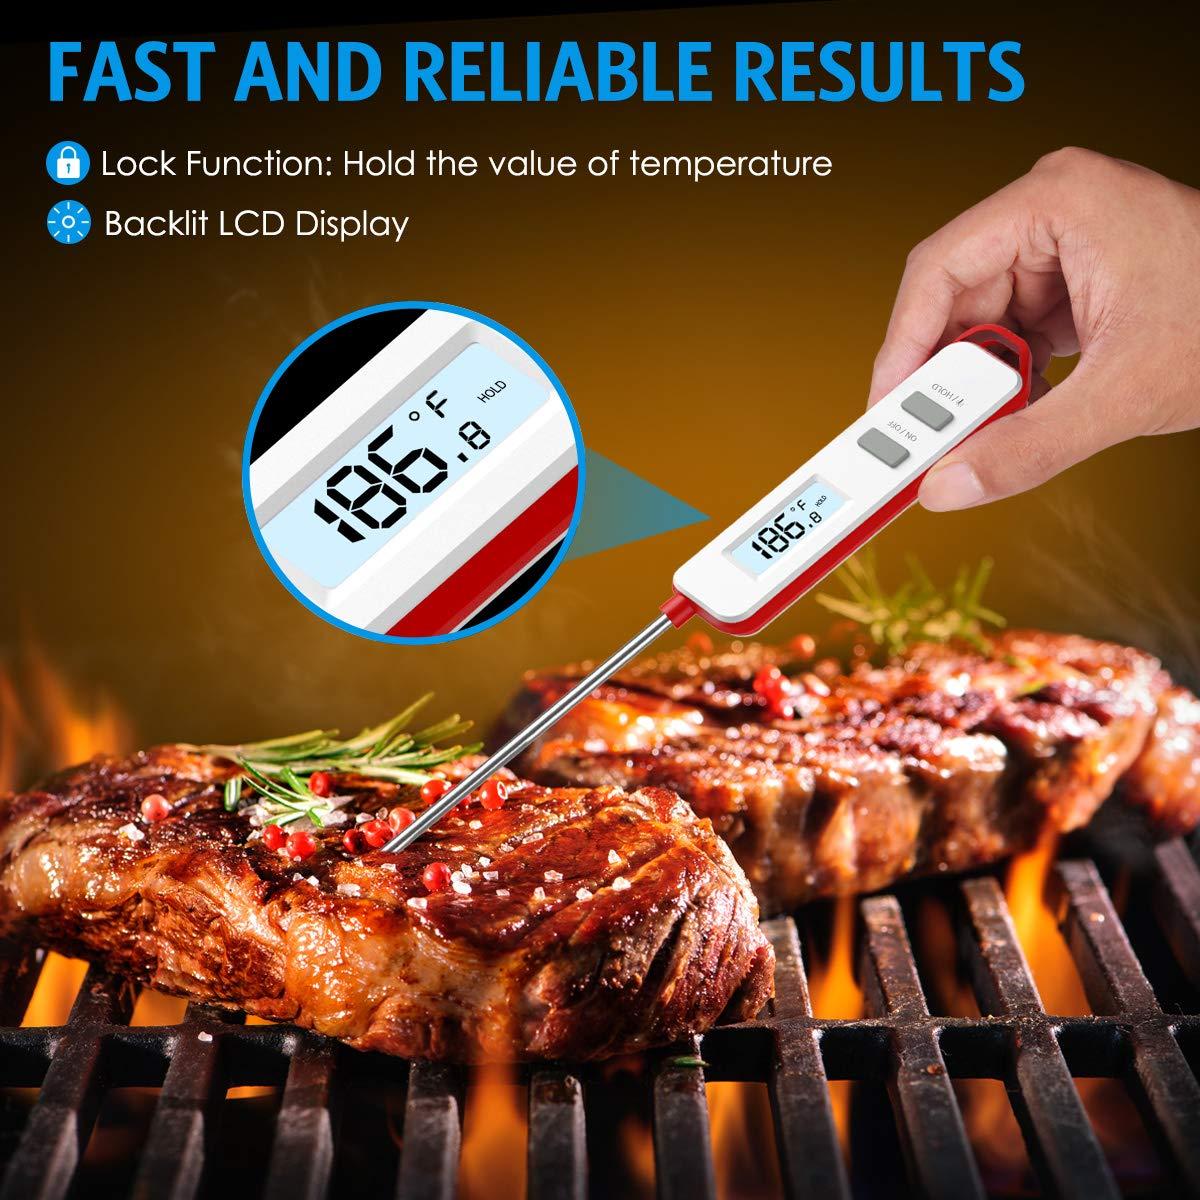 Sonda Lunga Lettura Istantanea Meglio per Carne Blu Digitale Termometro da Cucina con Schermo LCD Latte e Acqua del Bagno Griglia Barbecue Amir Termometro Cucina